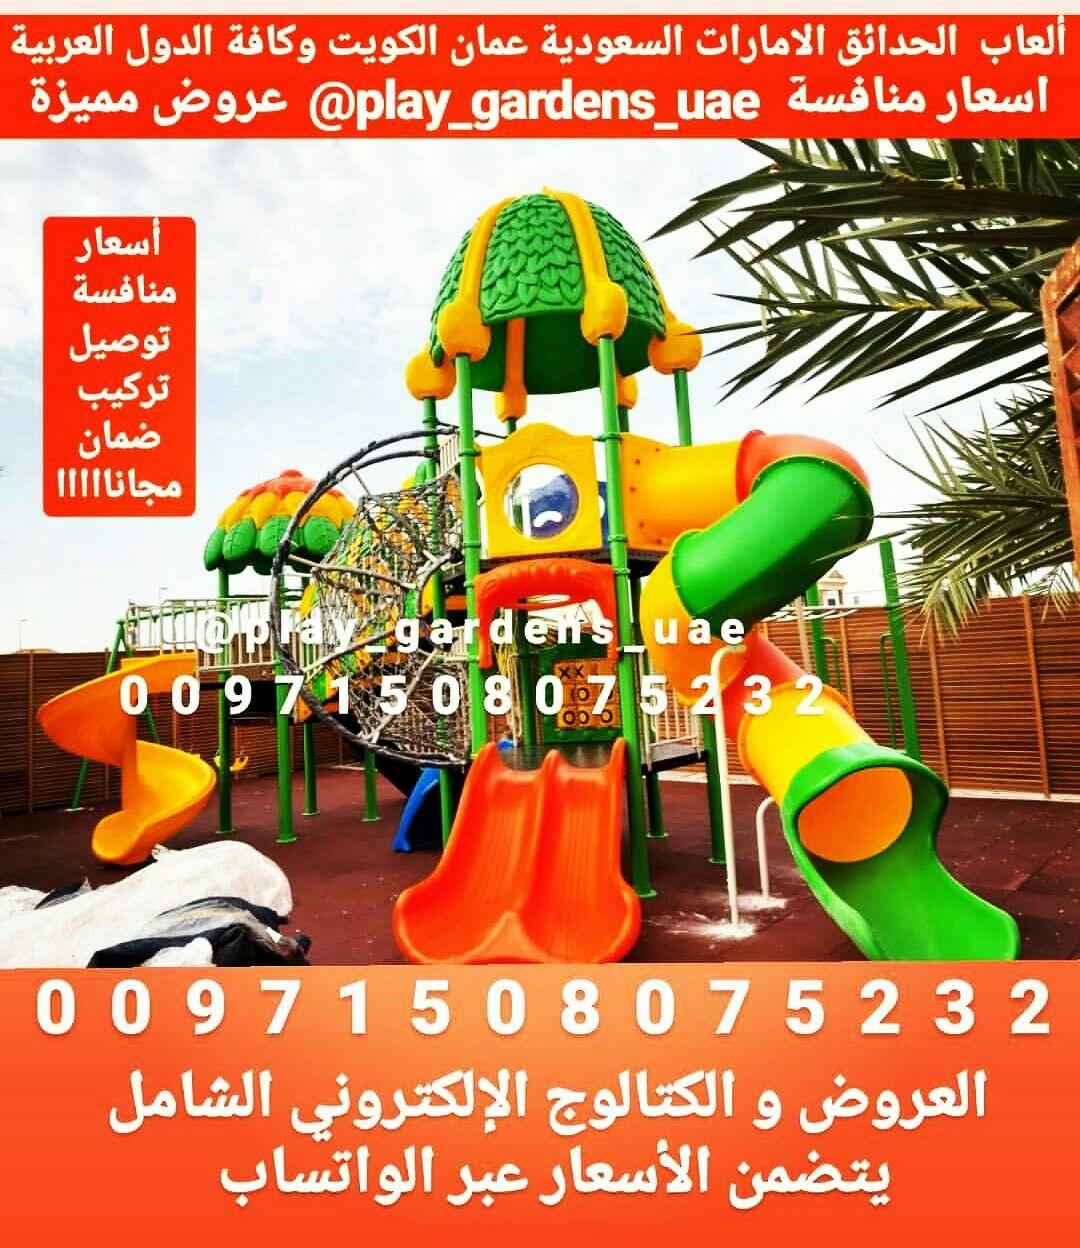 العاب حدائق منزلية العاب حدائق للبيع العاب حدائق عامة استراحة منتزه ترفيه فعاليات تسلية العاب اطفال Play Garden